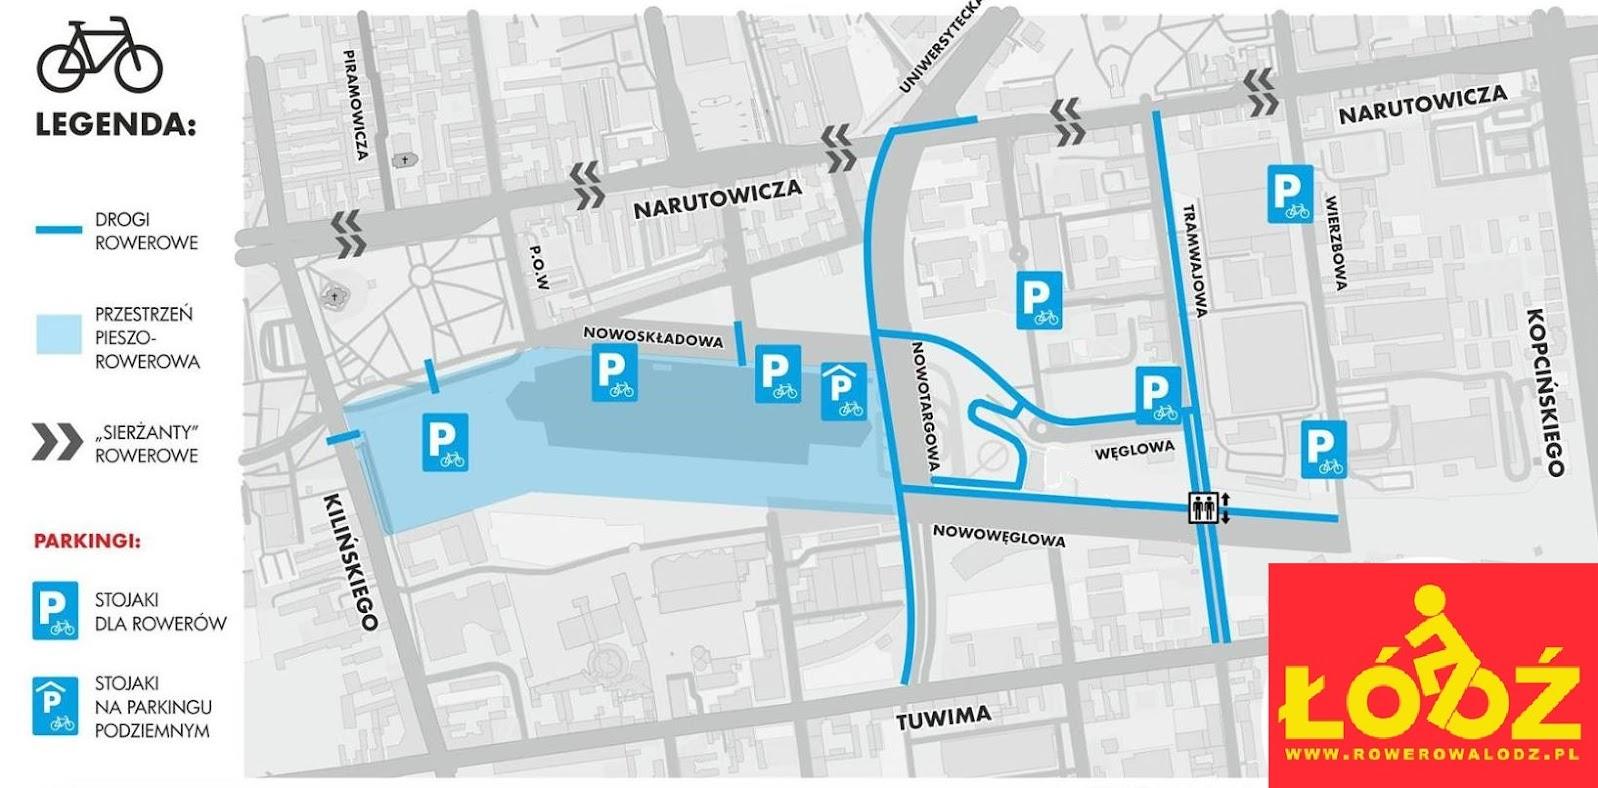 Mapa wykonana przez ZDiT i w naszej ocenie chyba nie do końca jest pełna.